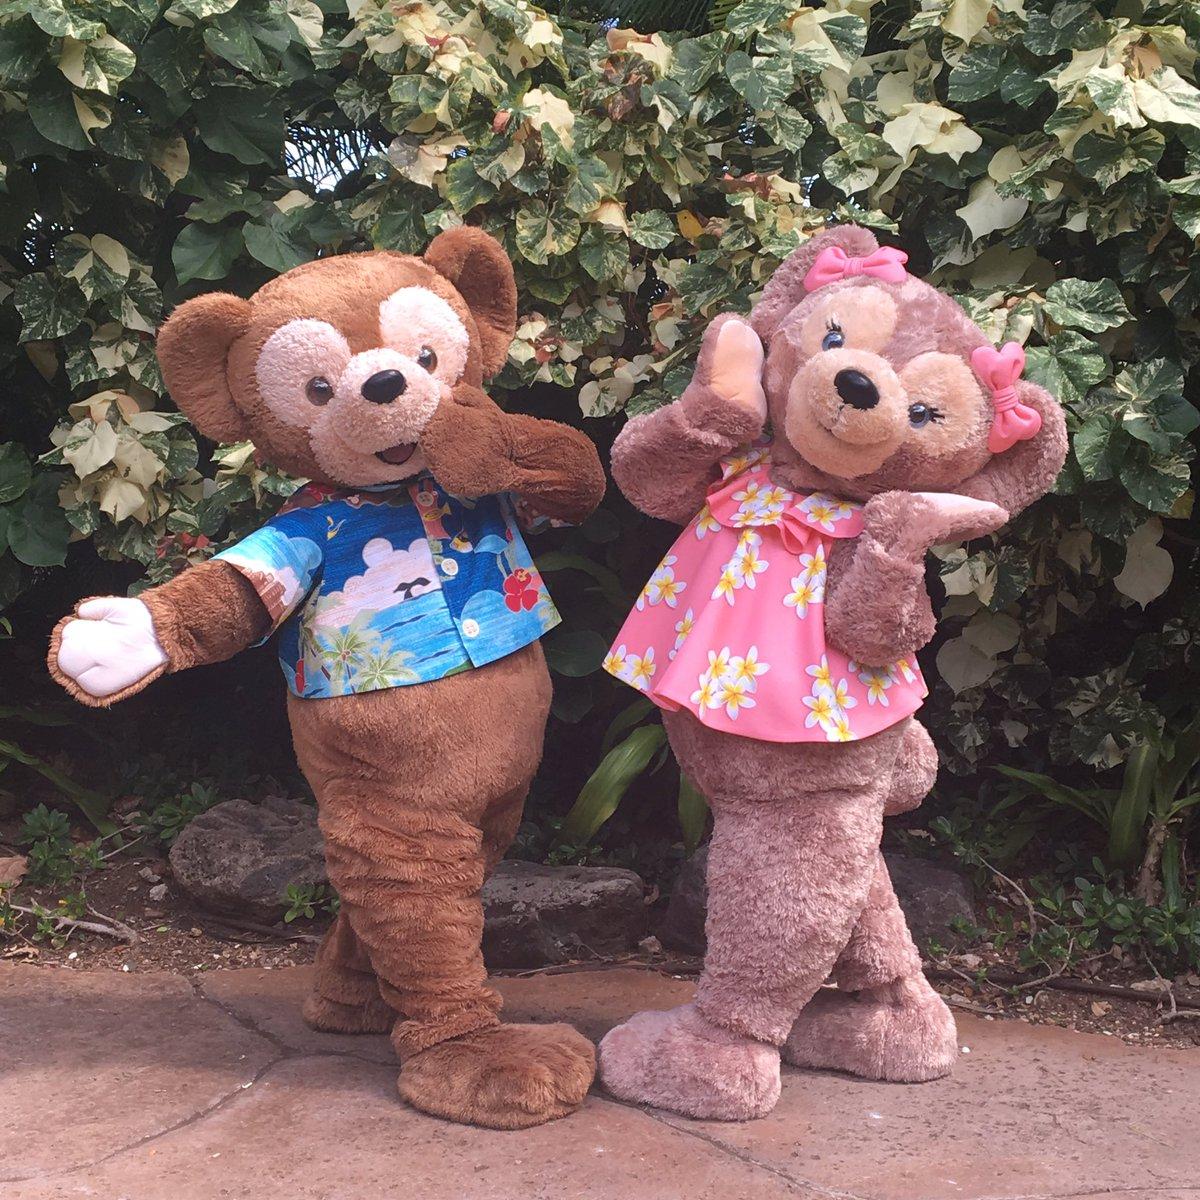 今日から仲間入りしたよ!シェリーメイ #アウラニ @DisneyAulani #ハワイ #ディズニー (ヨリエ,リツコ) https://t.co/LApPvq6XcV